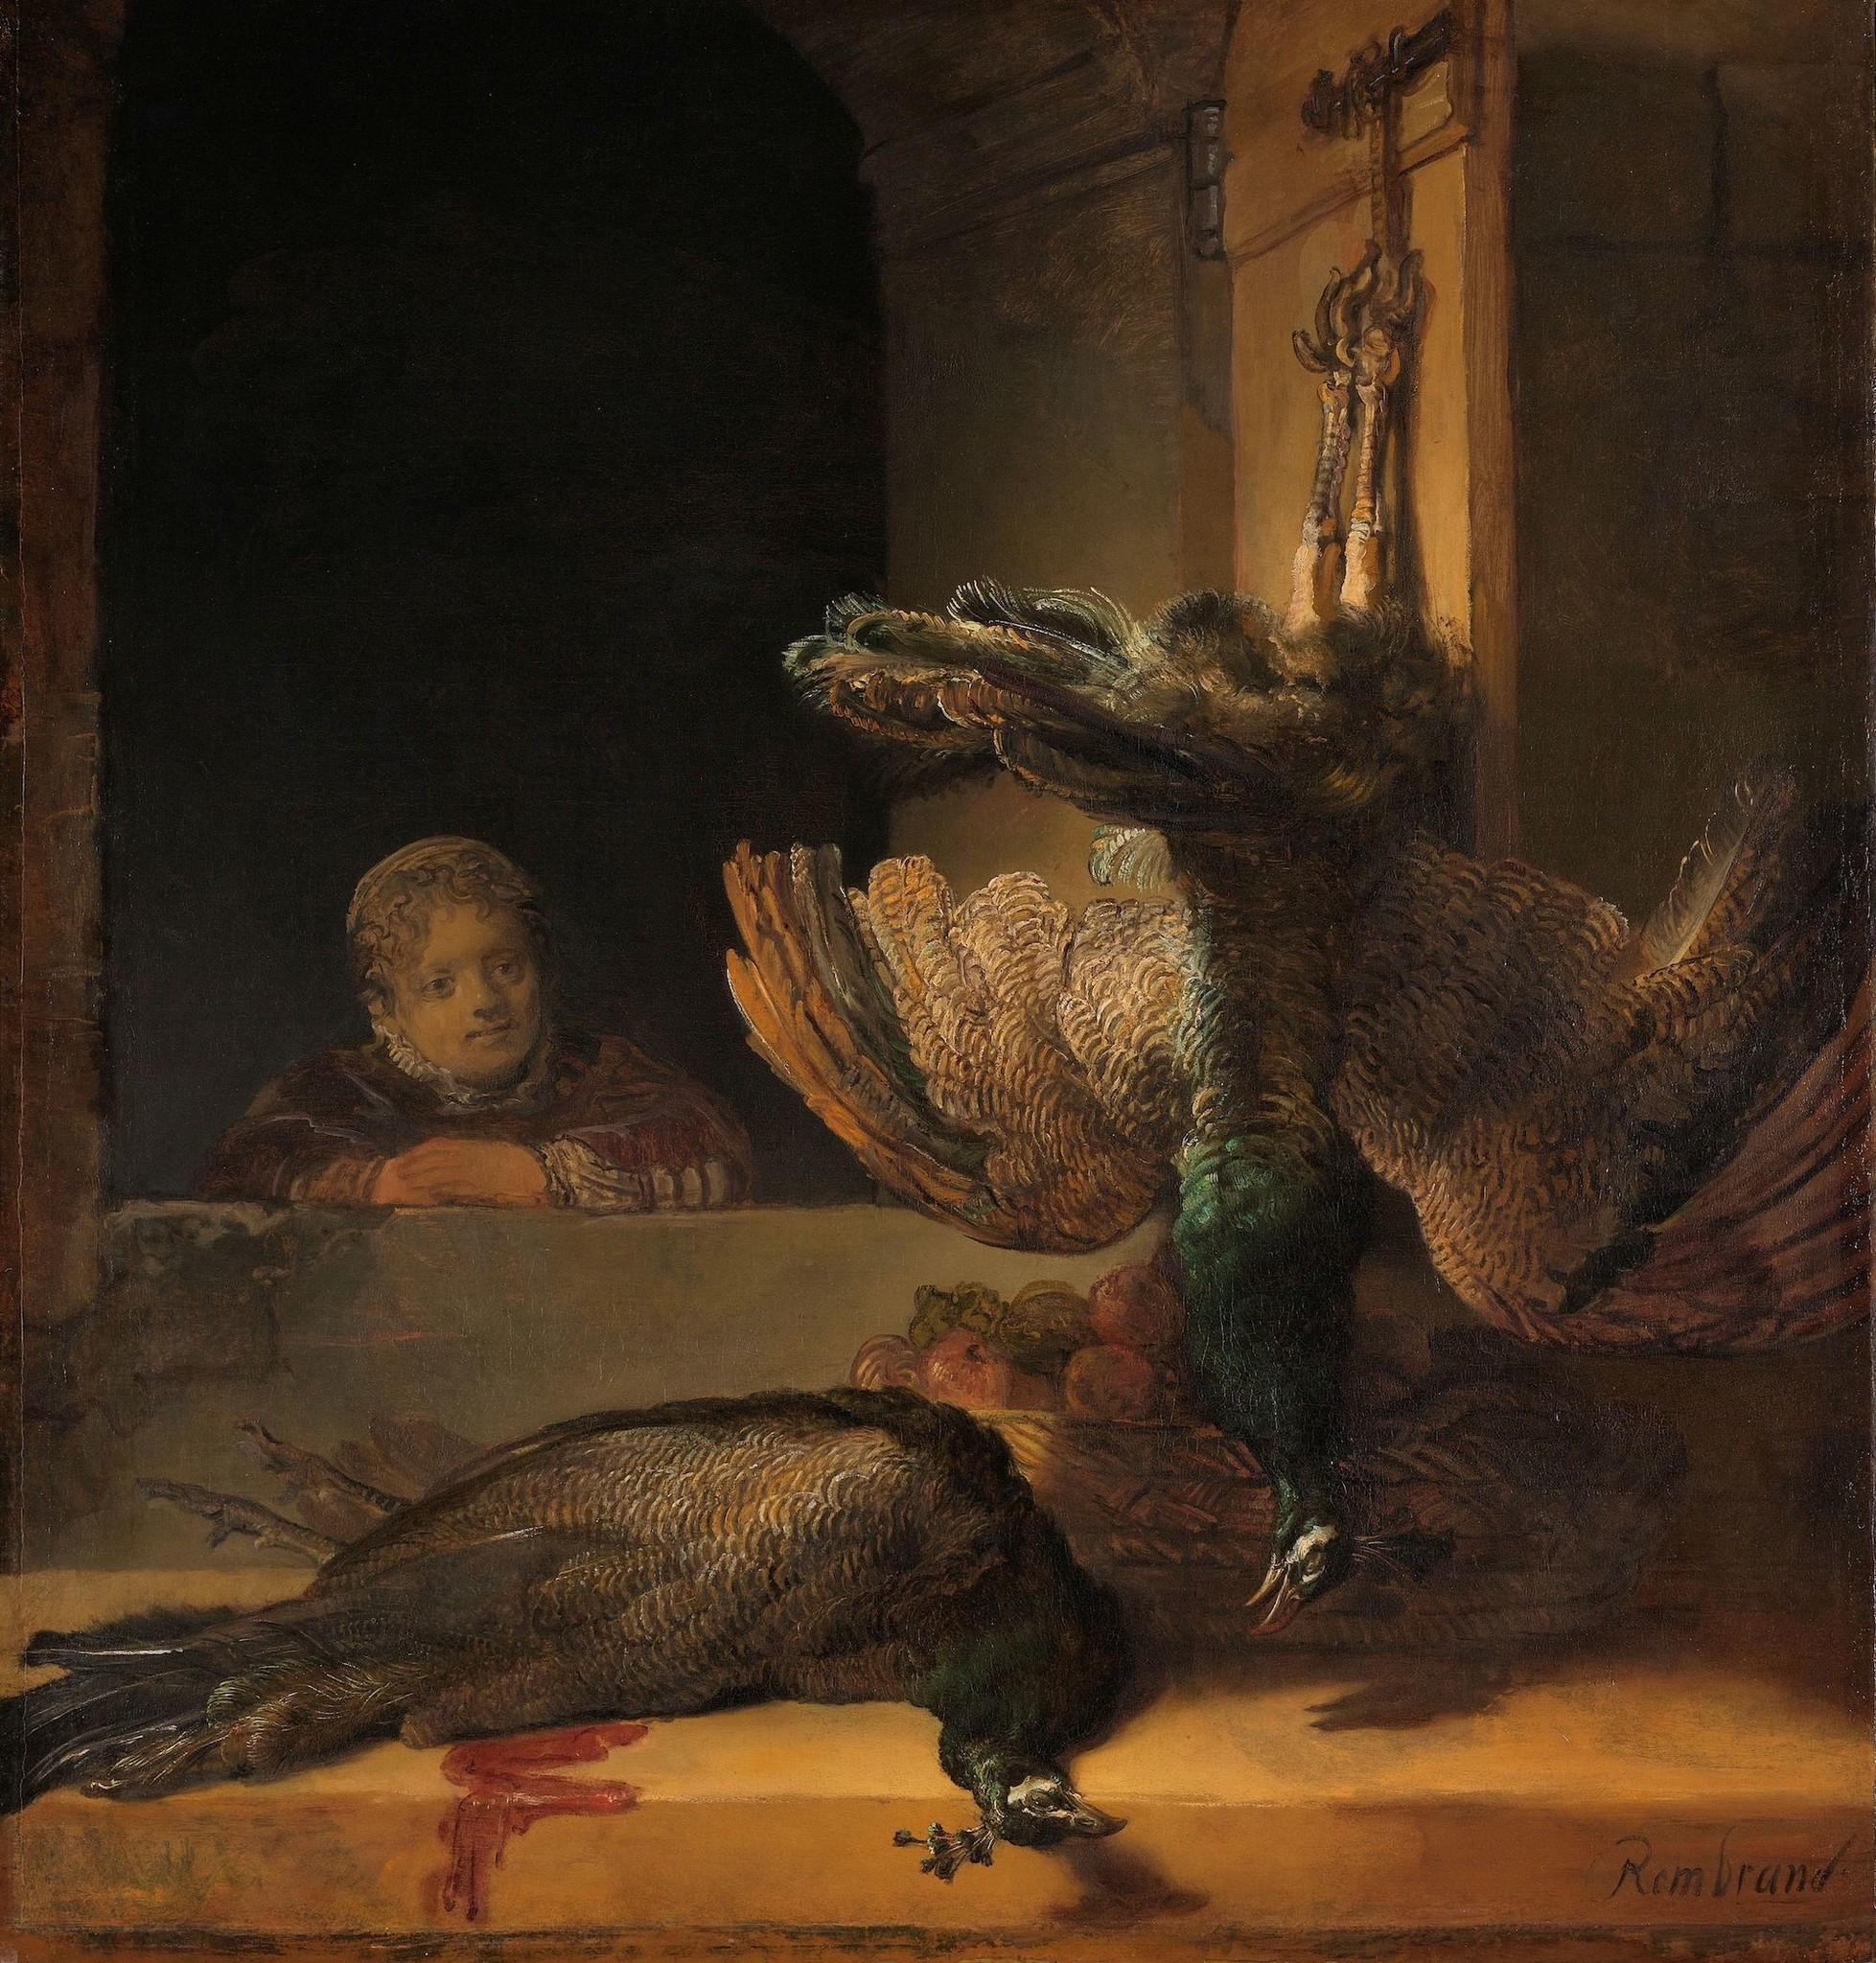 Schilderij - Rembrandt van Rijn, Stilleven met pauwen, ca1639, 90x90cm.